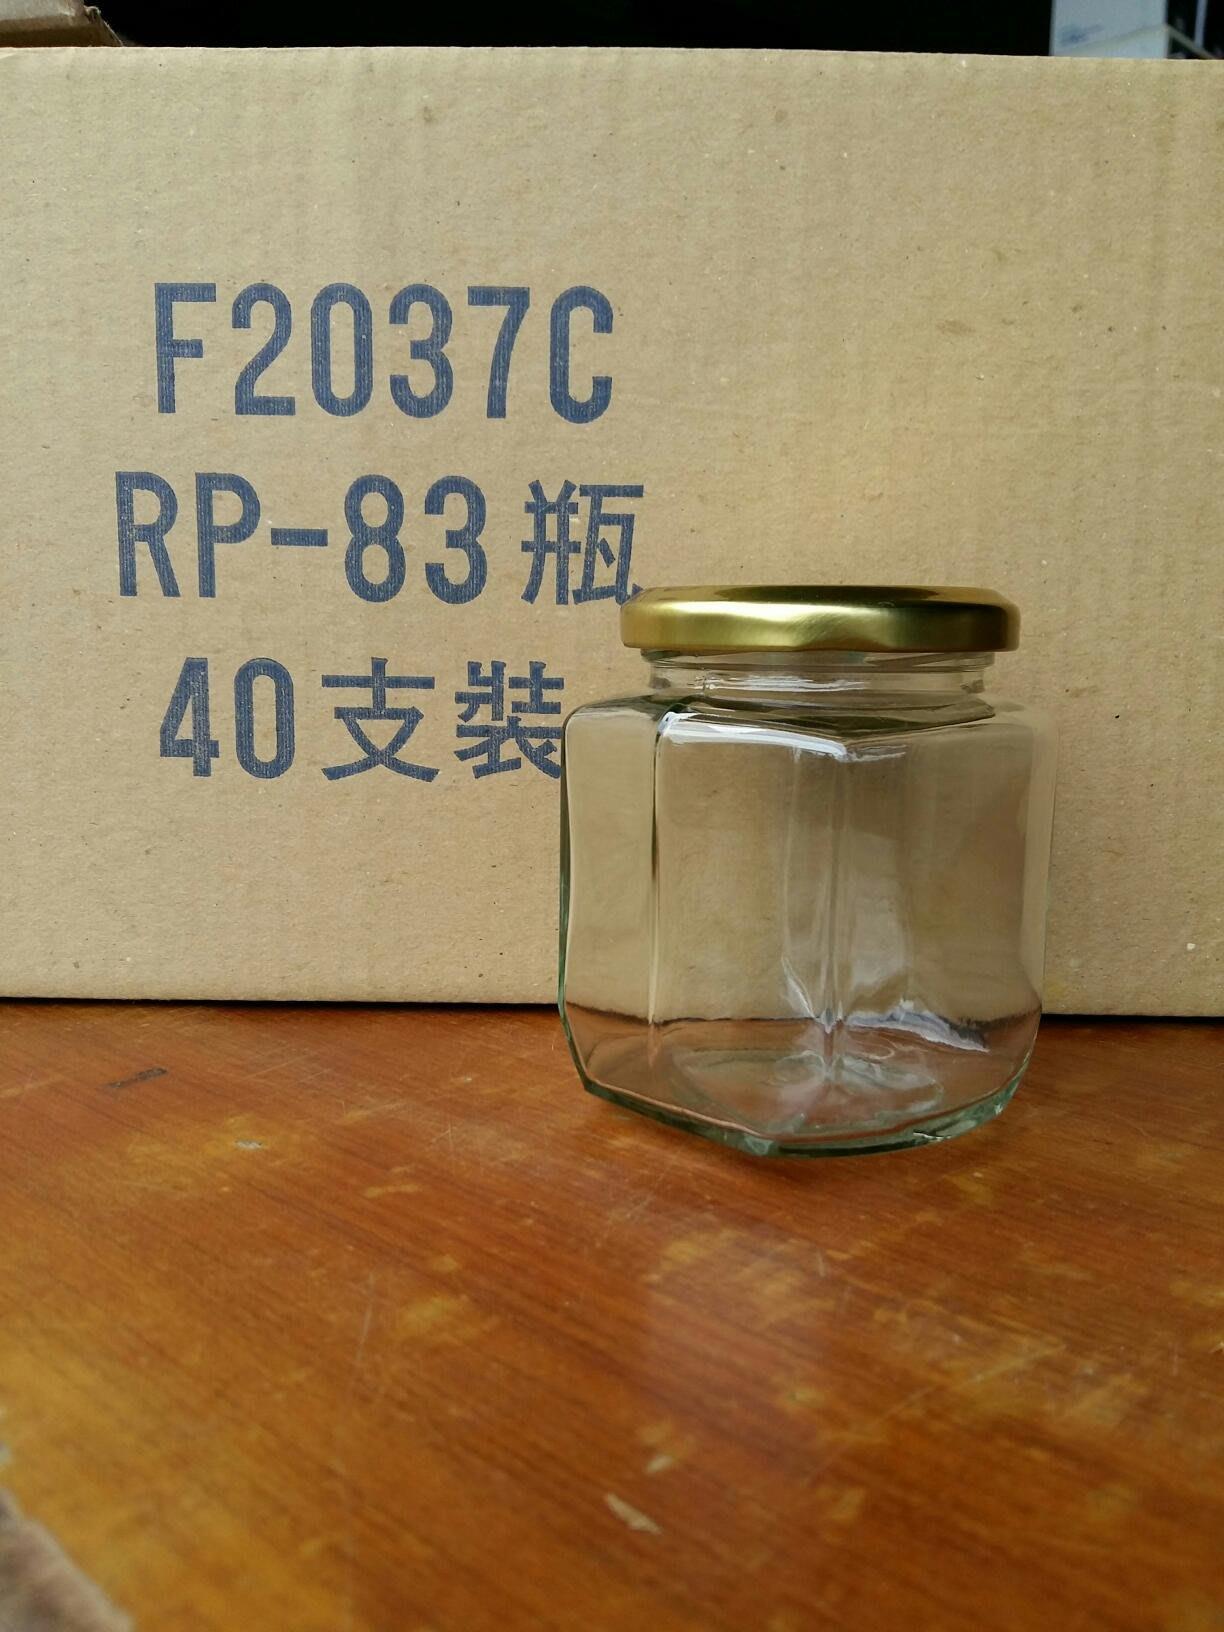 288cc  rp83  f2037 扁六角 玻璃瓶 40入